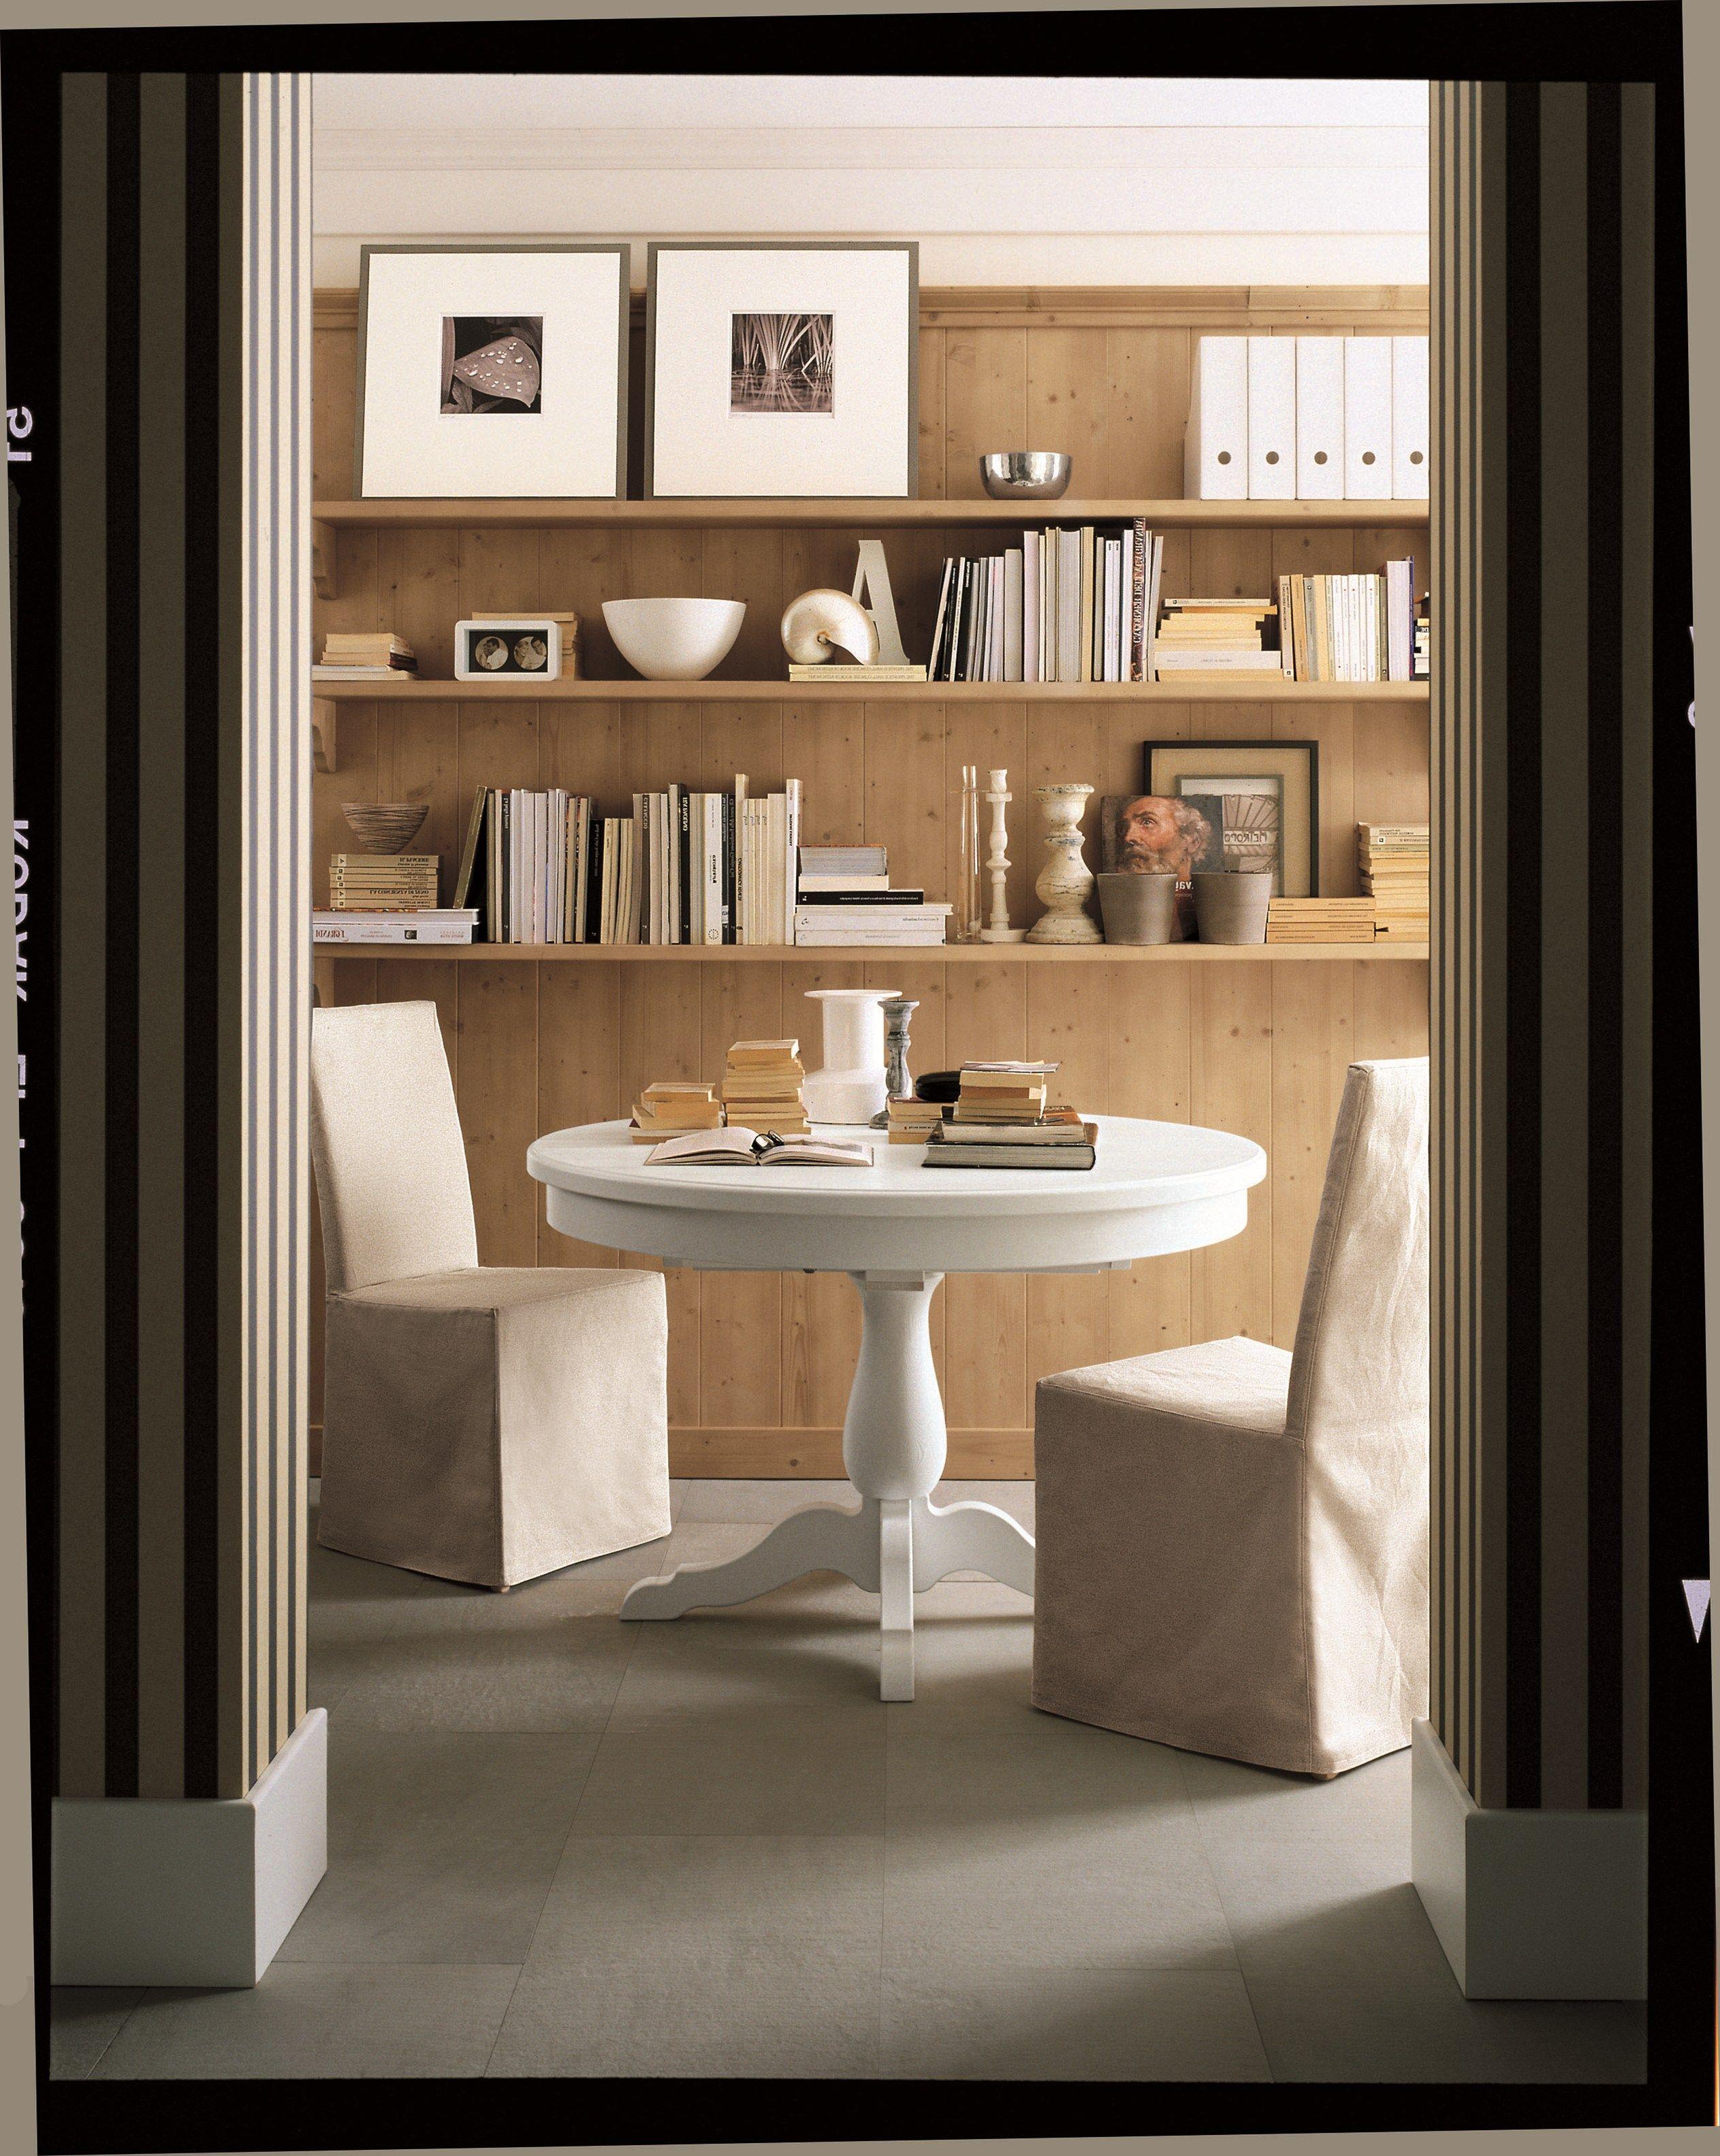 Tavoli Tondi Allungabili: Un'ode Alla Praticità: Il Tavolo Rotondo  #8F663C 2526 3166 Tavoli Da Pranzo Allungabili Bontempi